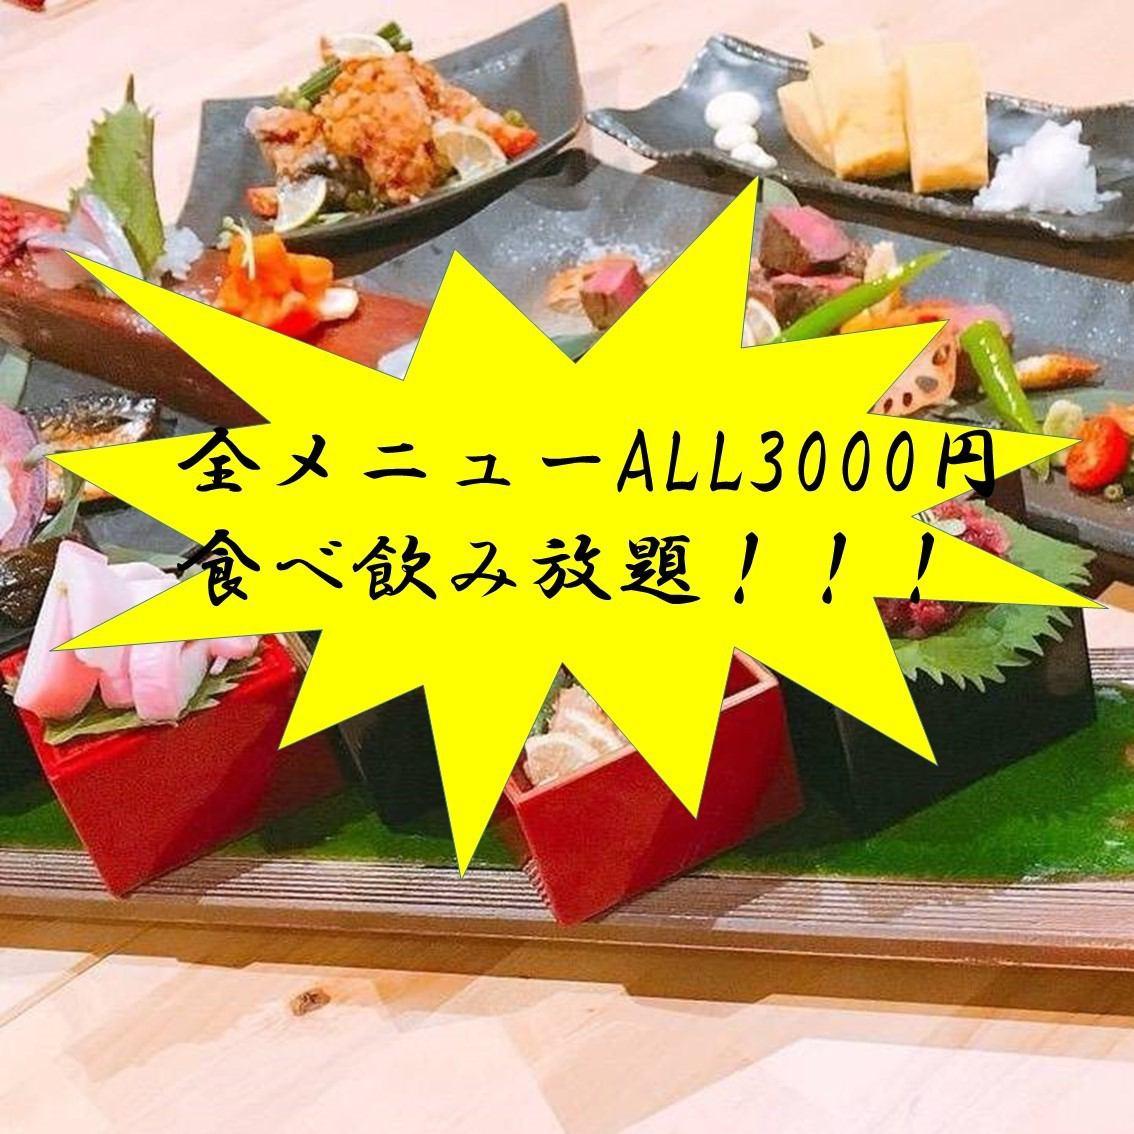 """""""海鲜酒吧 - 节日gakusai~""""使用粘性成分活泼的空间就像一个节日"""